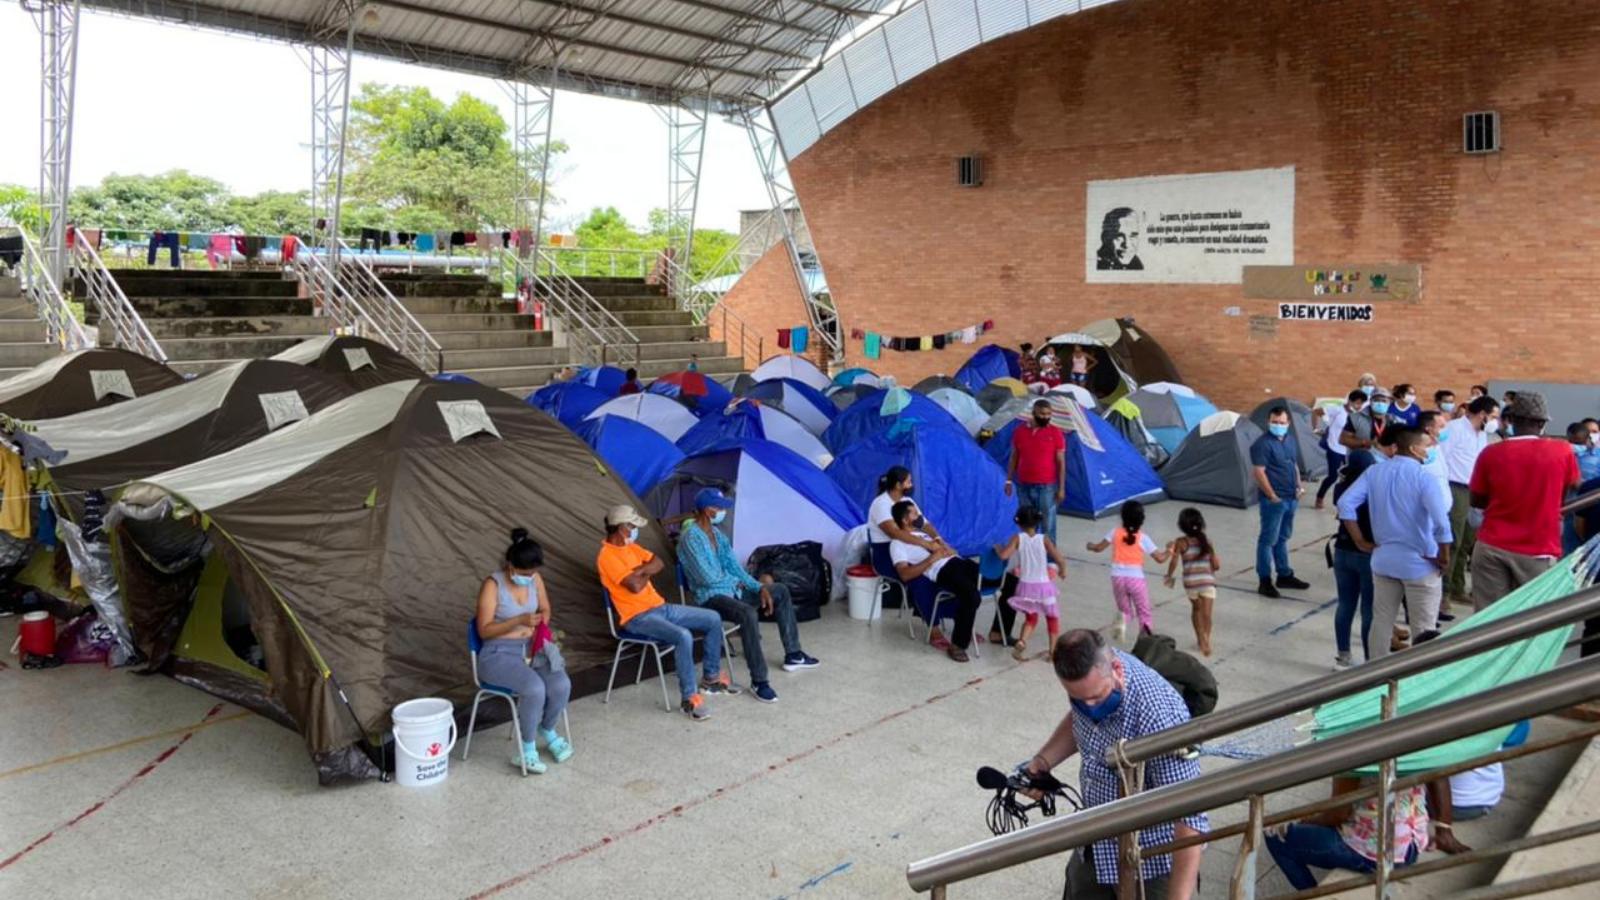 Crisis de refugiados y migrantes: le llegó la hora al mundo de ayudar a Colombia